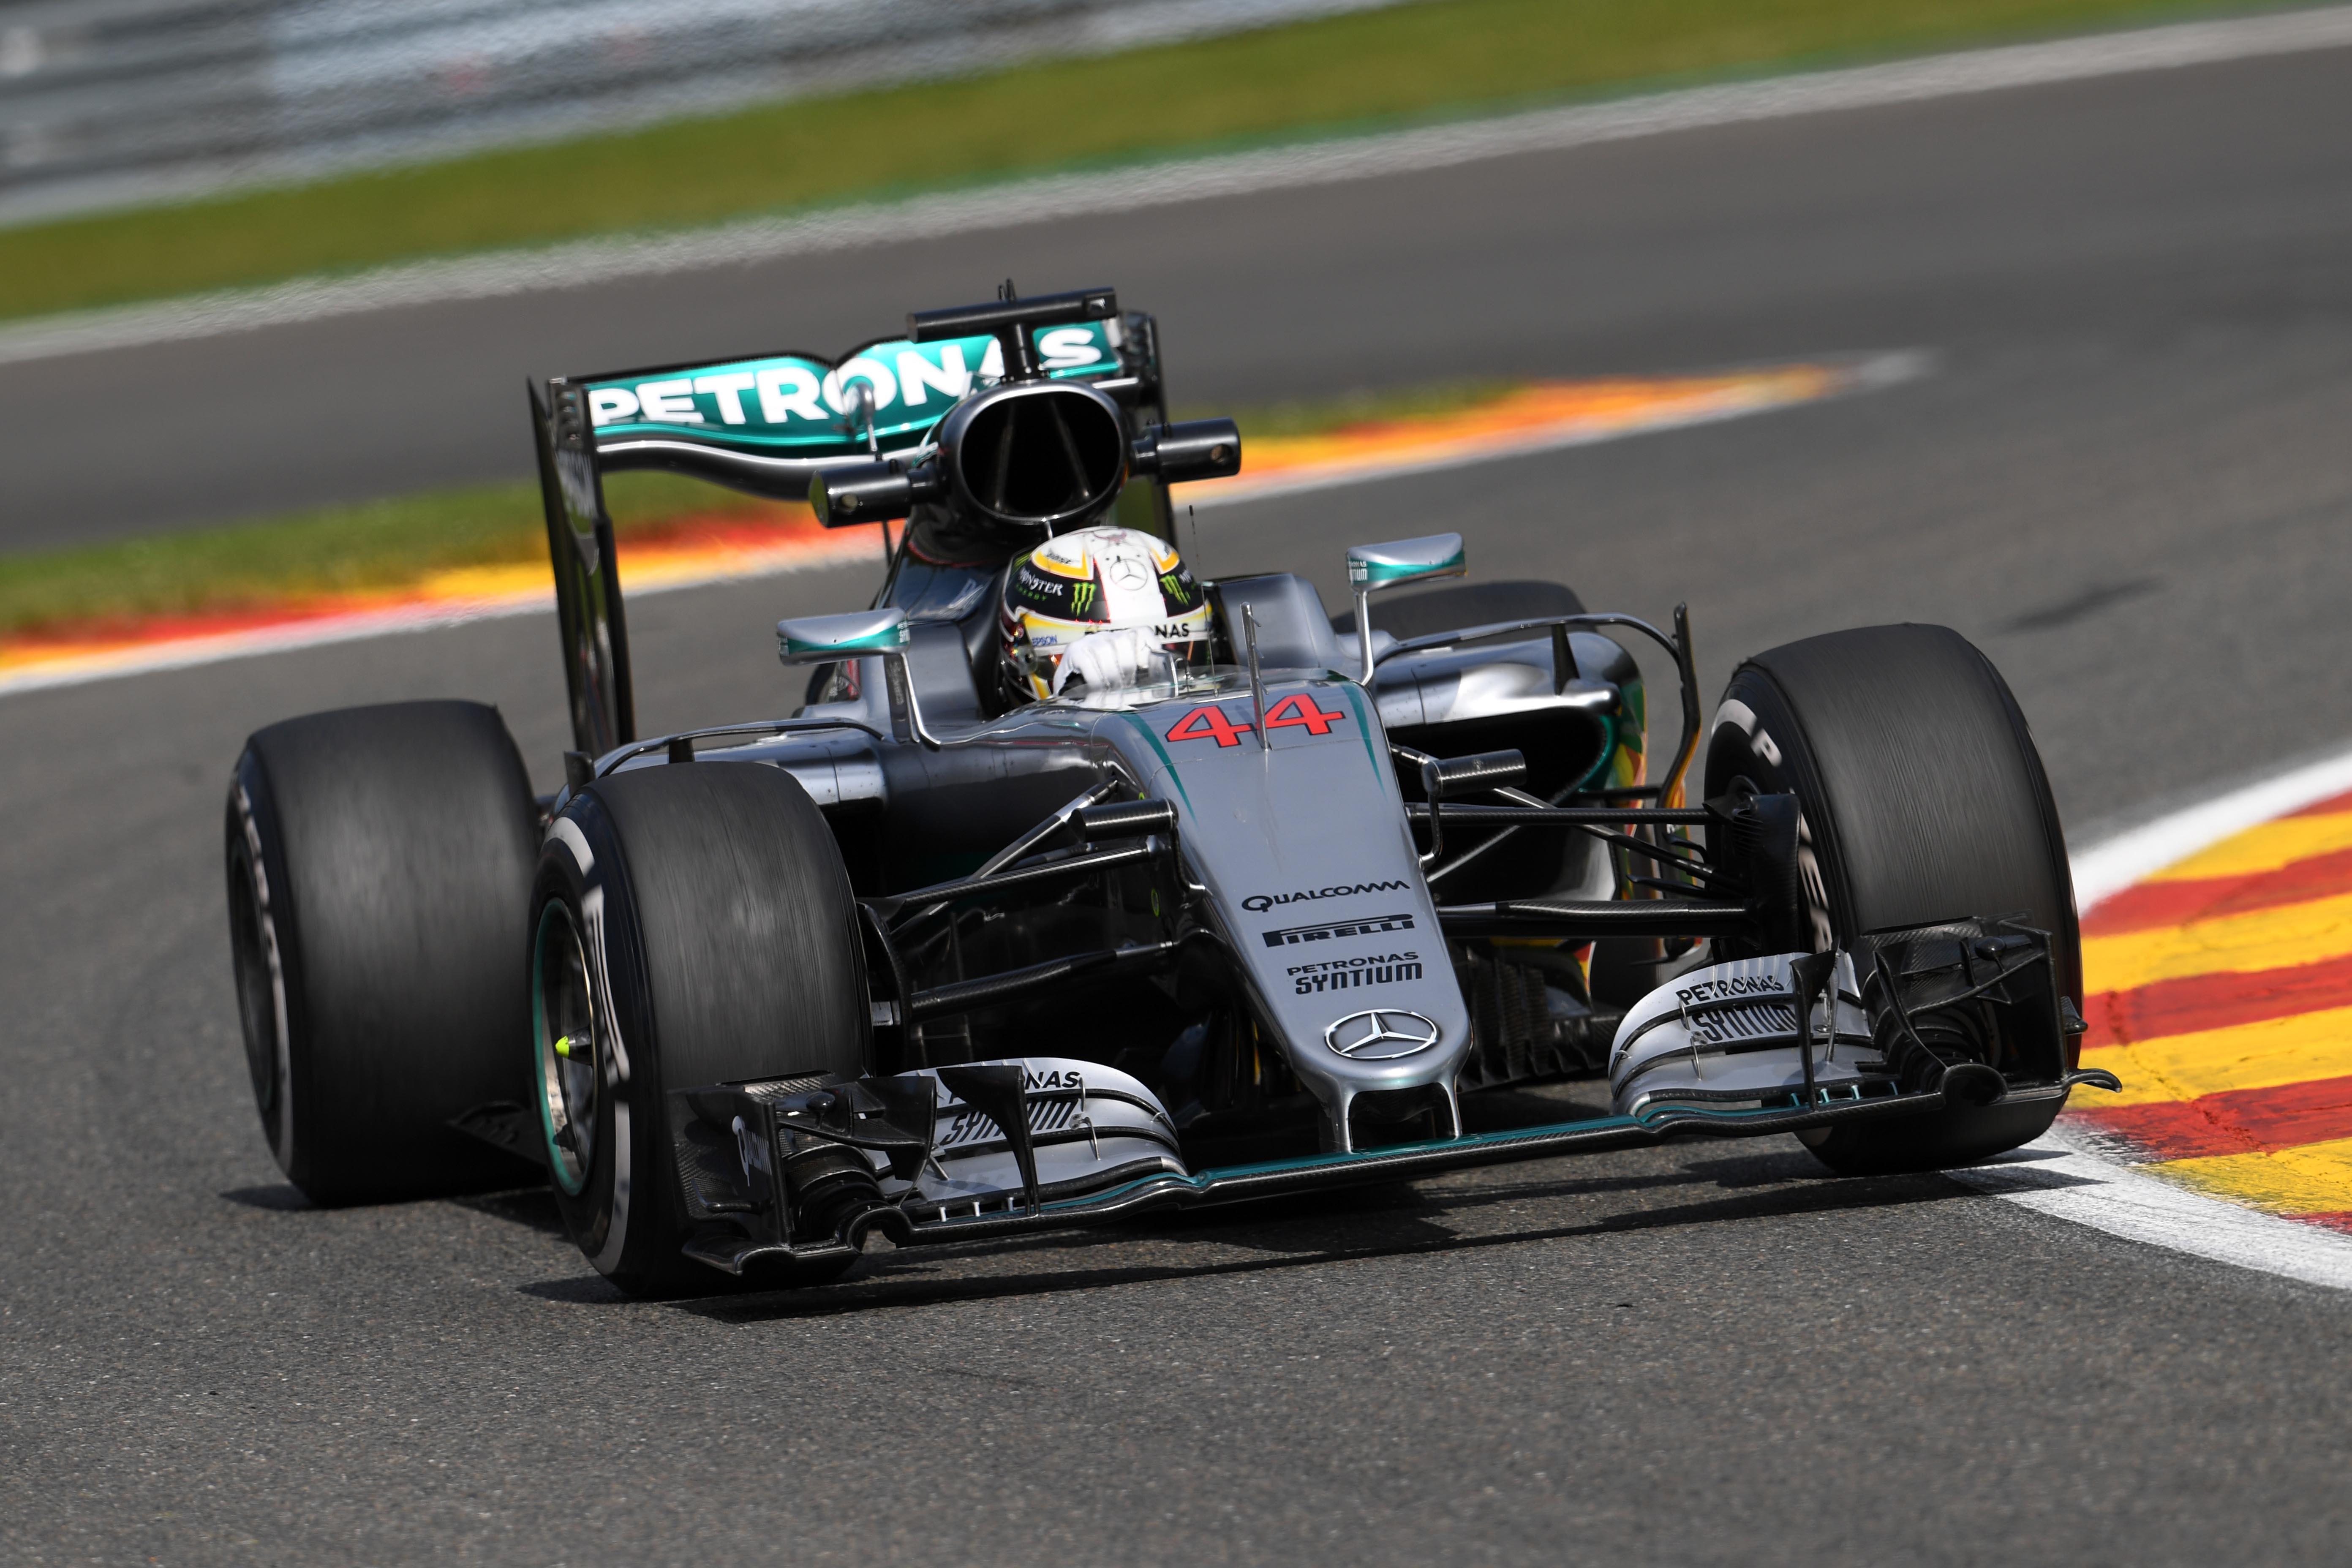 F1 - Hamilton pénalisé de 55 places en Belgique... Oui vous avez bien lu